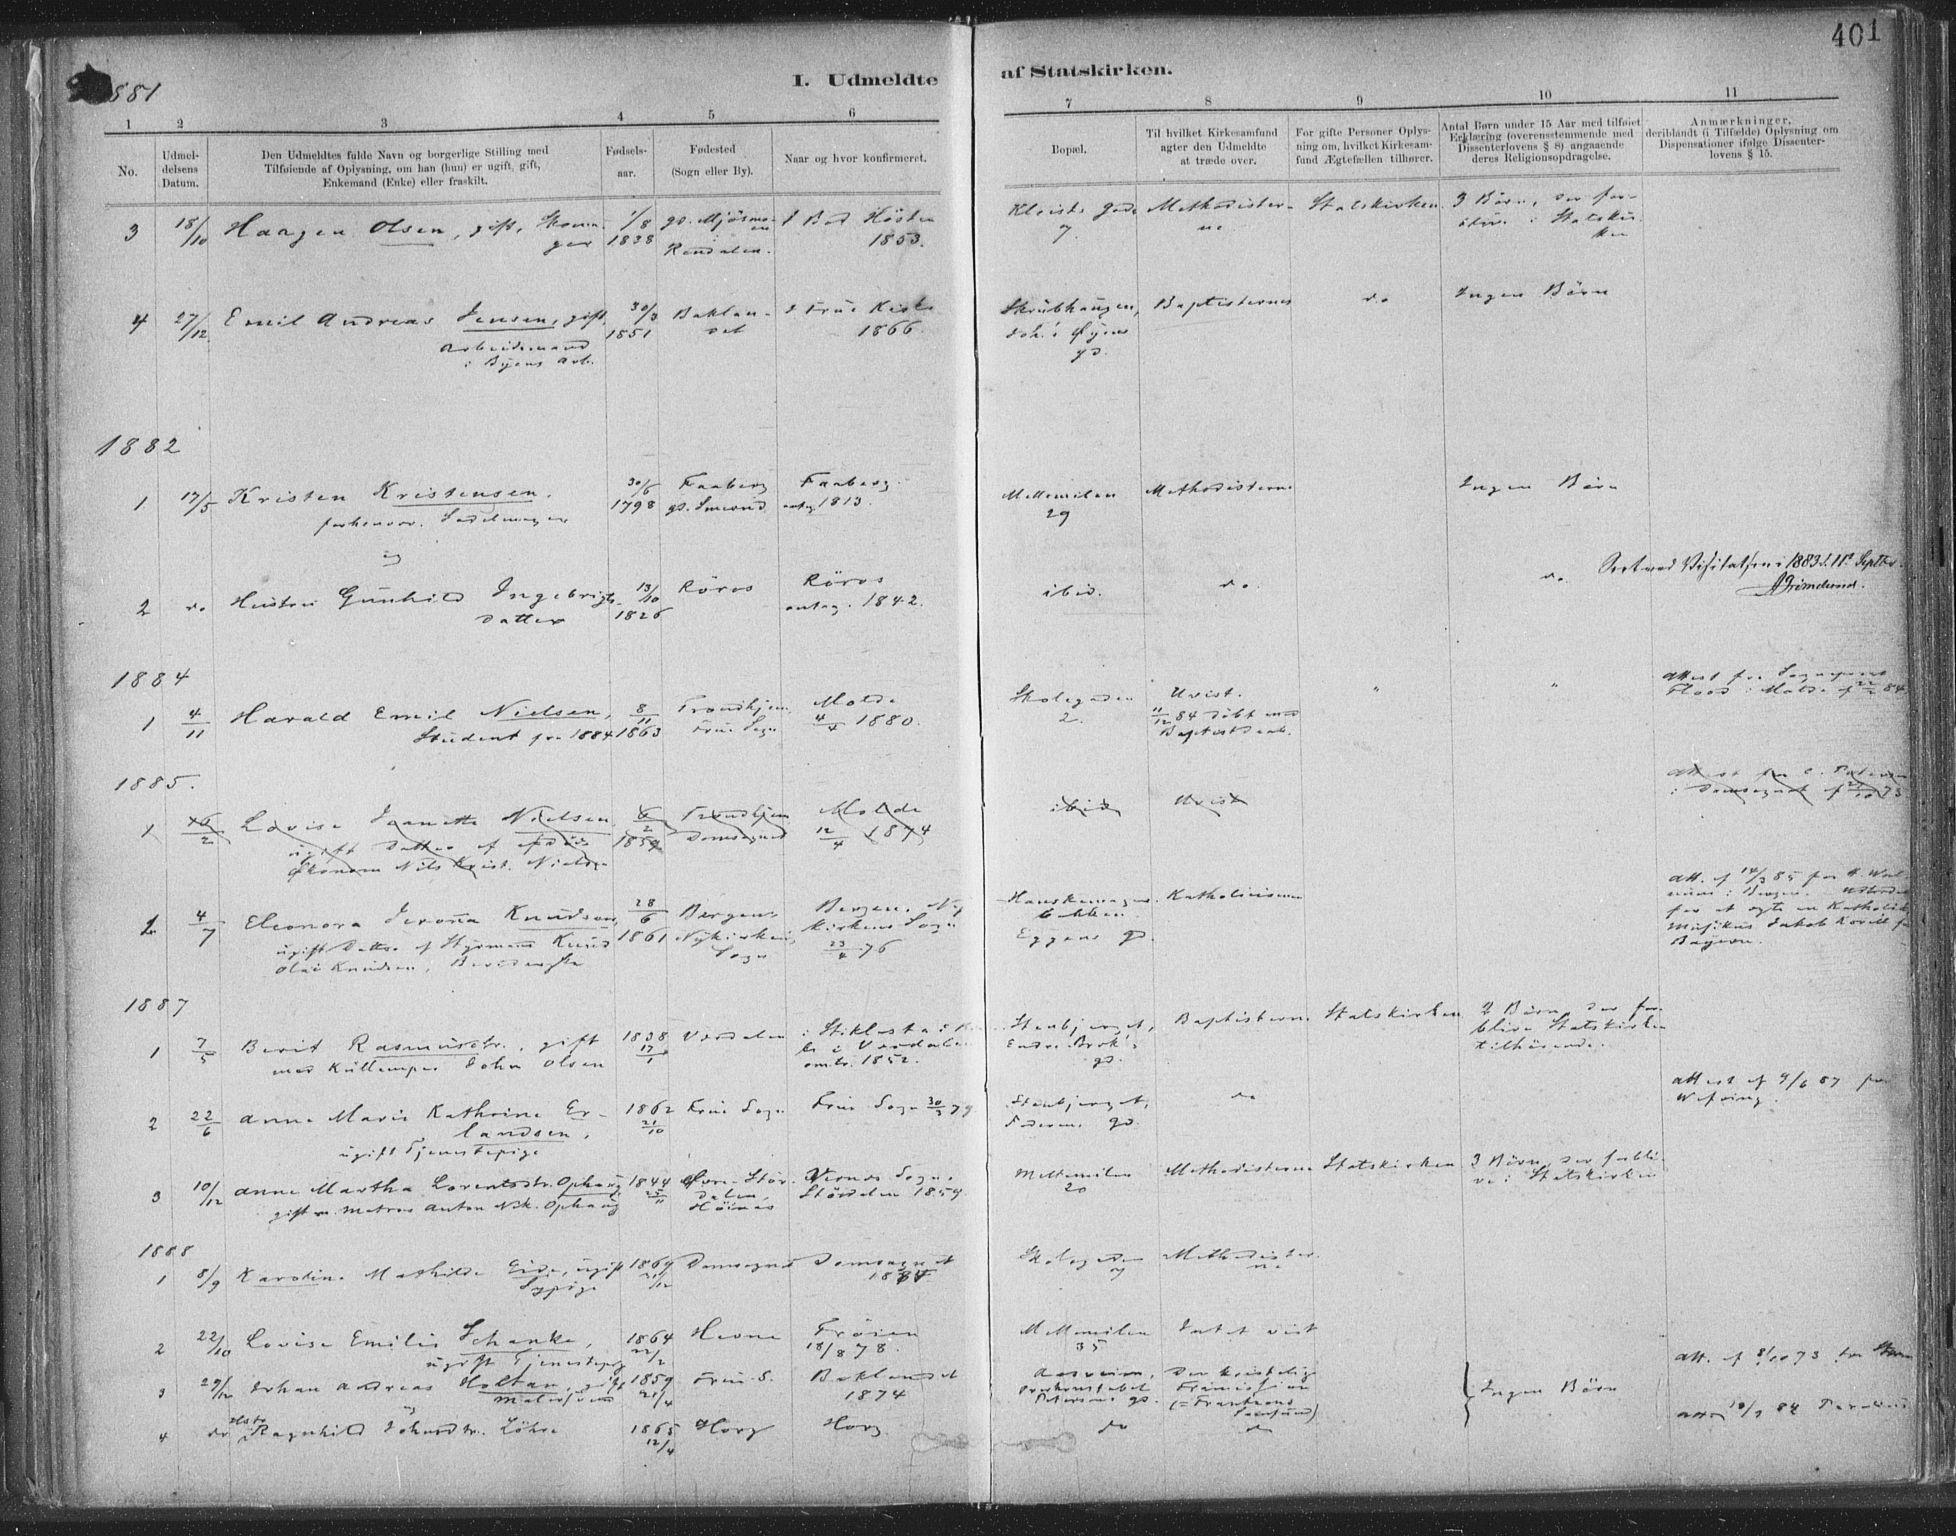 SAT, Ministerialprotokoller, klokkerbøker og fødselsregistre - Sør-Trøndelag, 603/L0163: Ministerialbok nr. 603A02, 1879-1895, s. 401